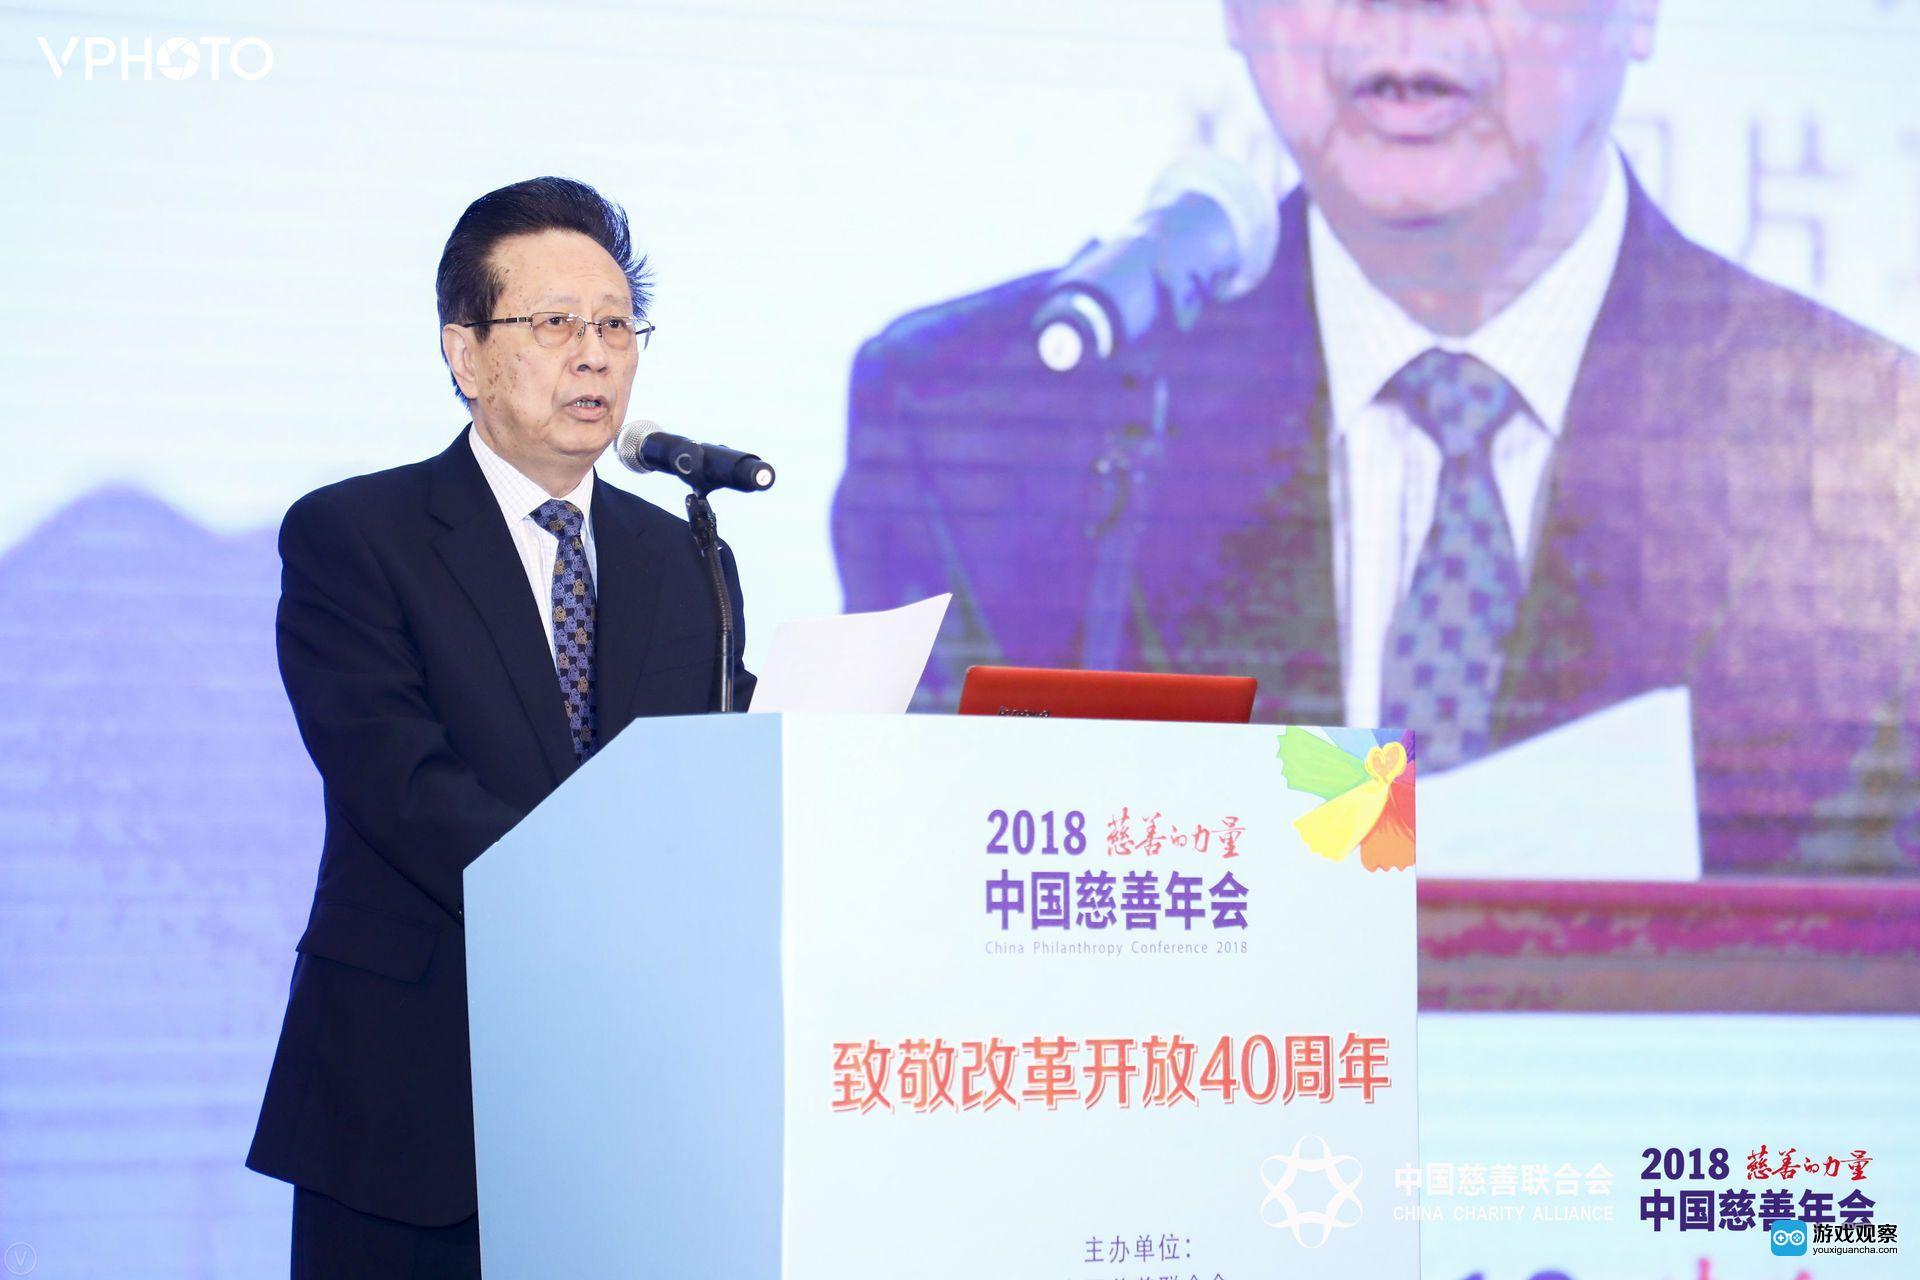 三七互娱加入中国慈善联合会 践行社会责任与使命